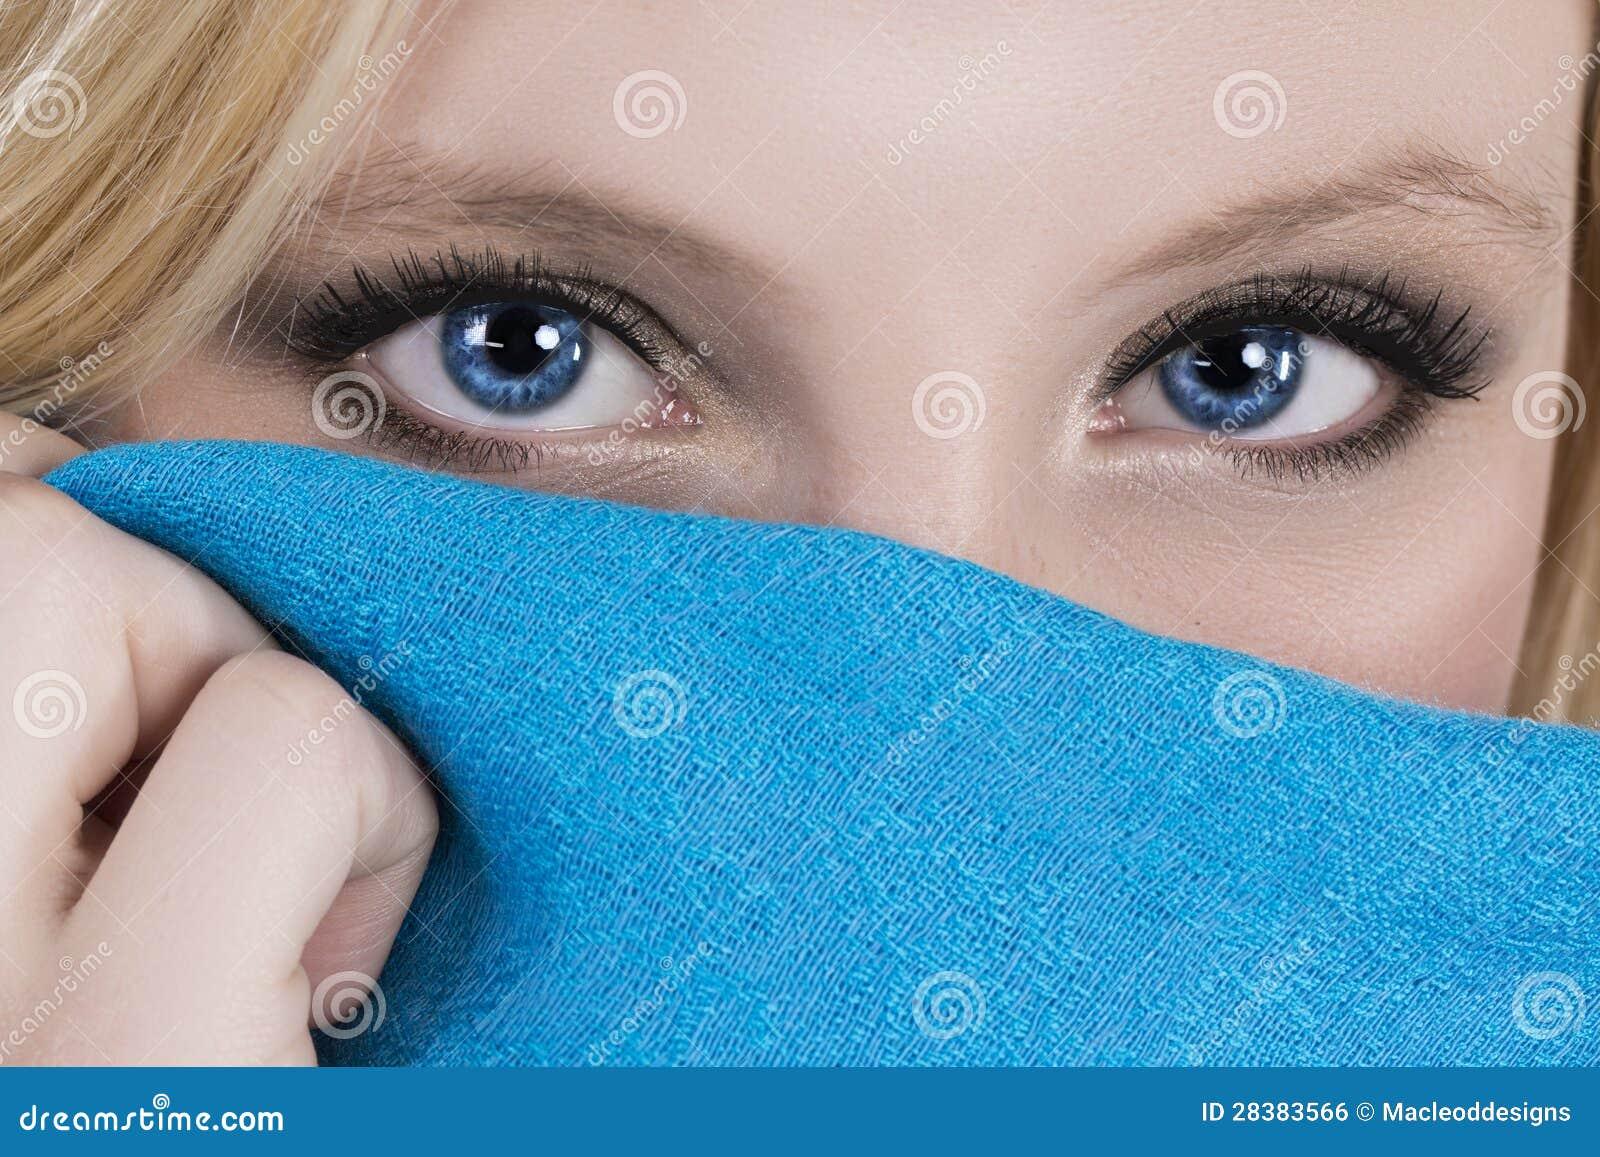 beauty in the bluest eye